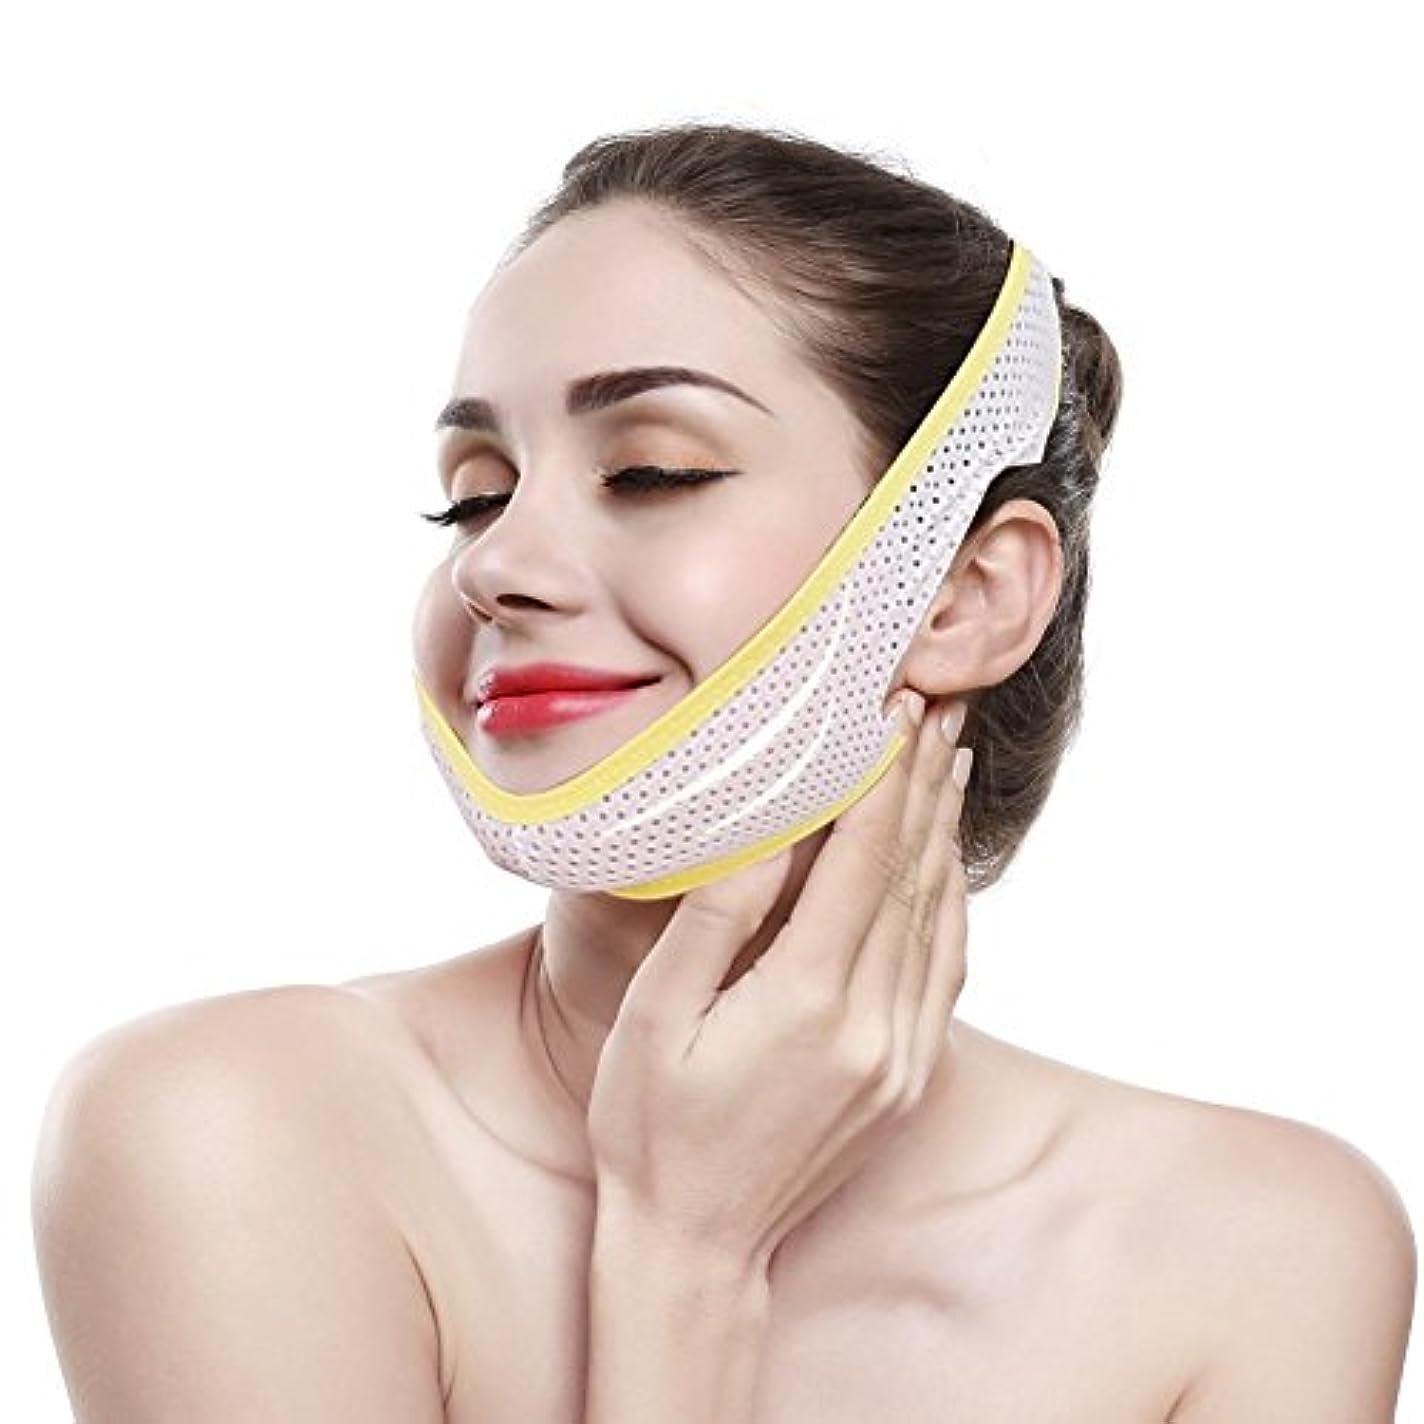 ジャンプする差別する命令的顎リフト フェイススリミング包帯 フェイスベルト 顔の包帯スリミングダブルチンVラインとフェイシャルケアファーミングスキン 女性の超薄型 フェイスマス クラインベルト スリミング製品マスク(M)